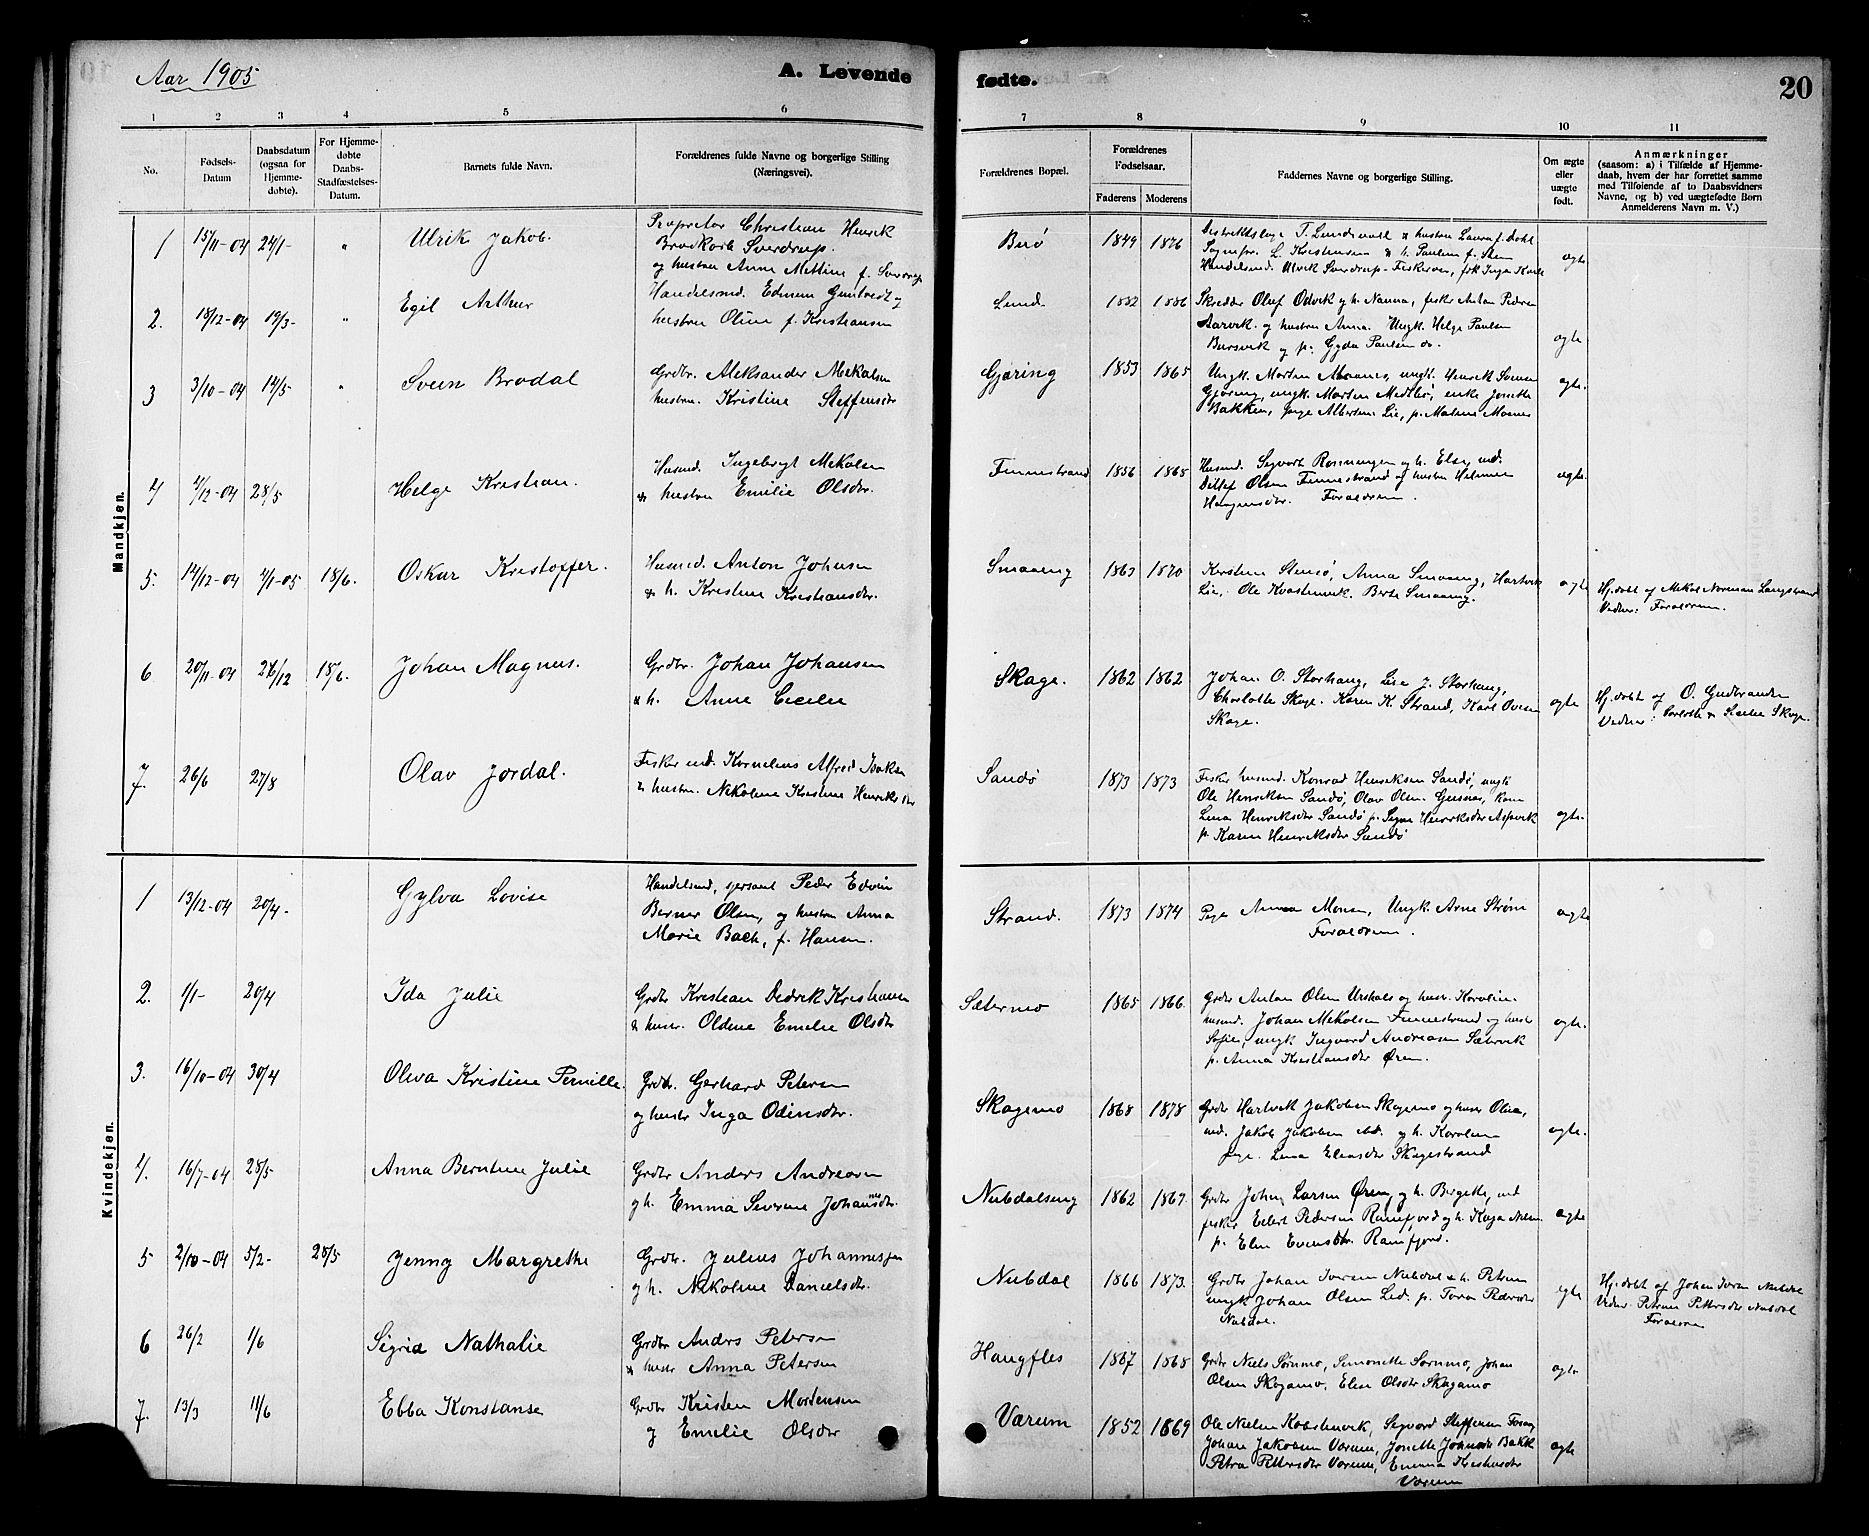 SAT, Ministerialprotokoller, klokkerbøker og fødselsregistre - Nord-Trøndelag, 780/L0652: Klokkerbok nr. 780C04, 1899-1911, s. 20